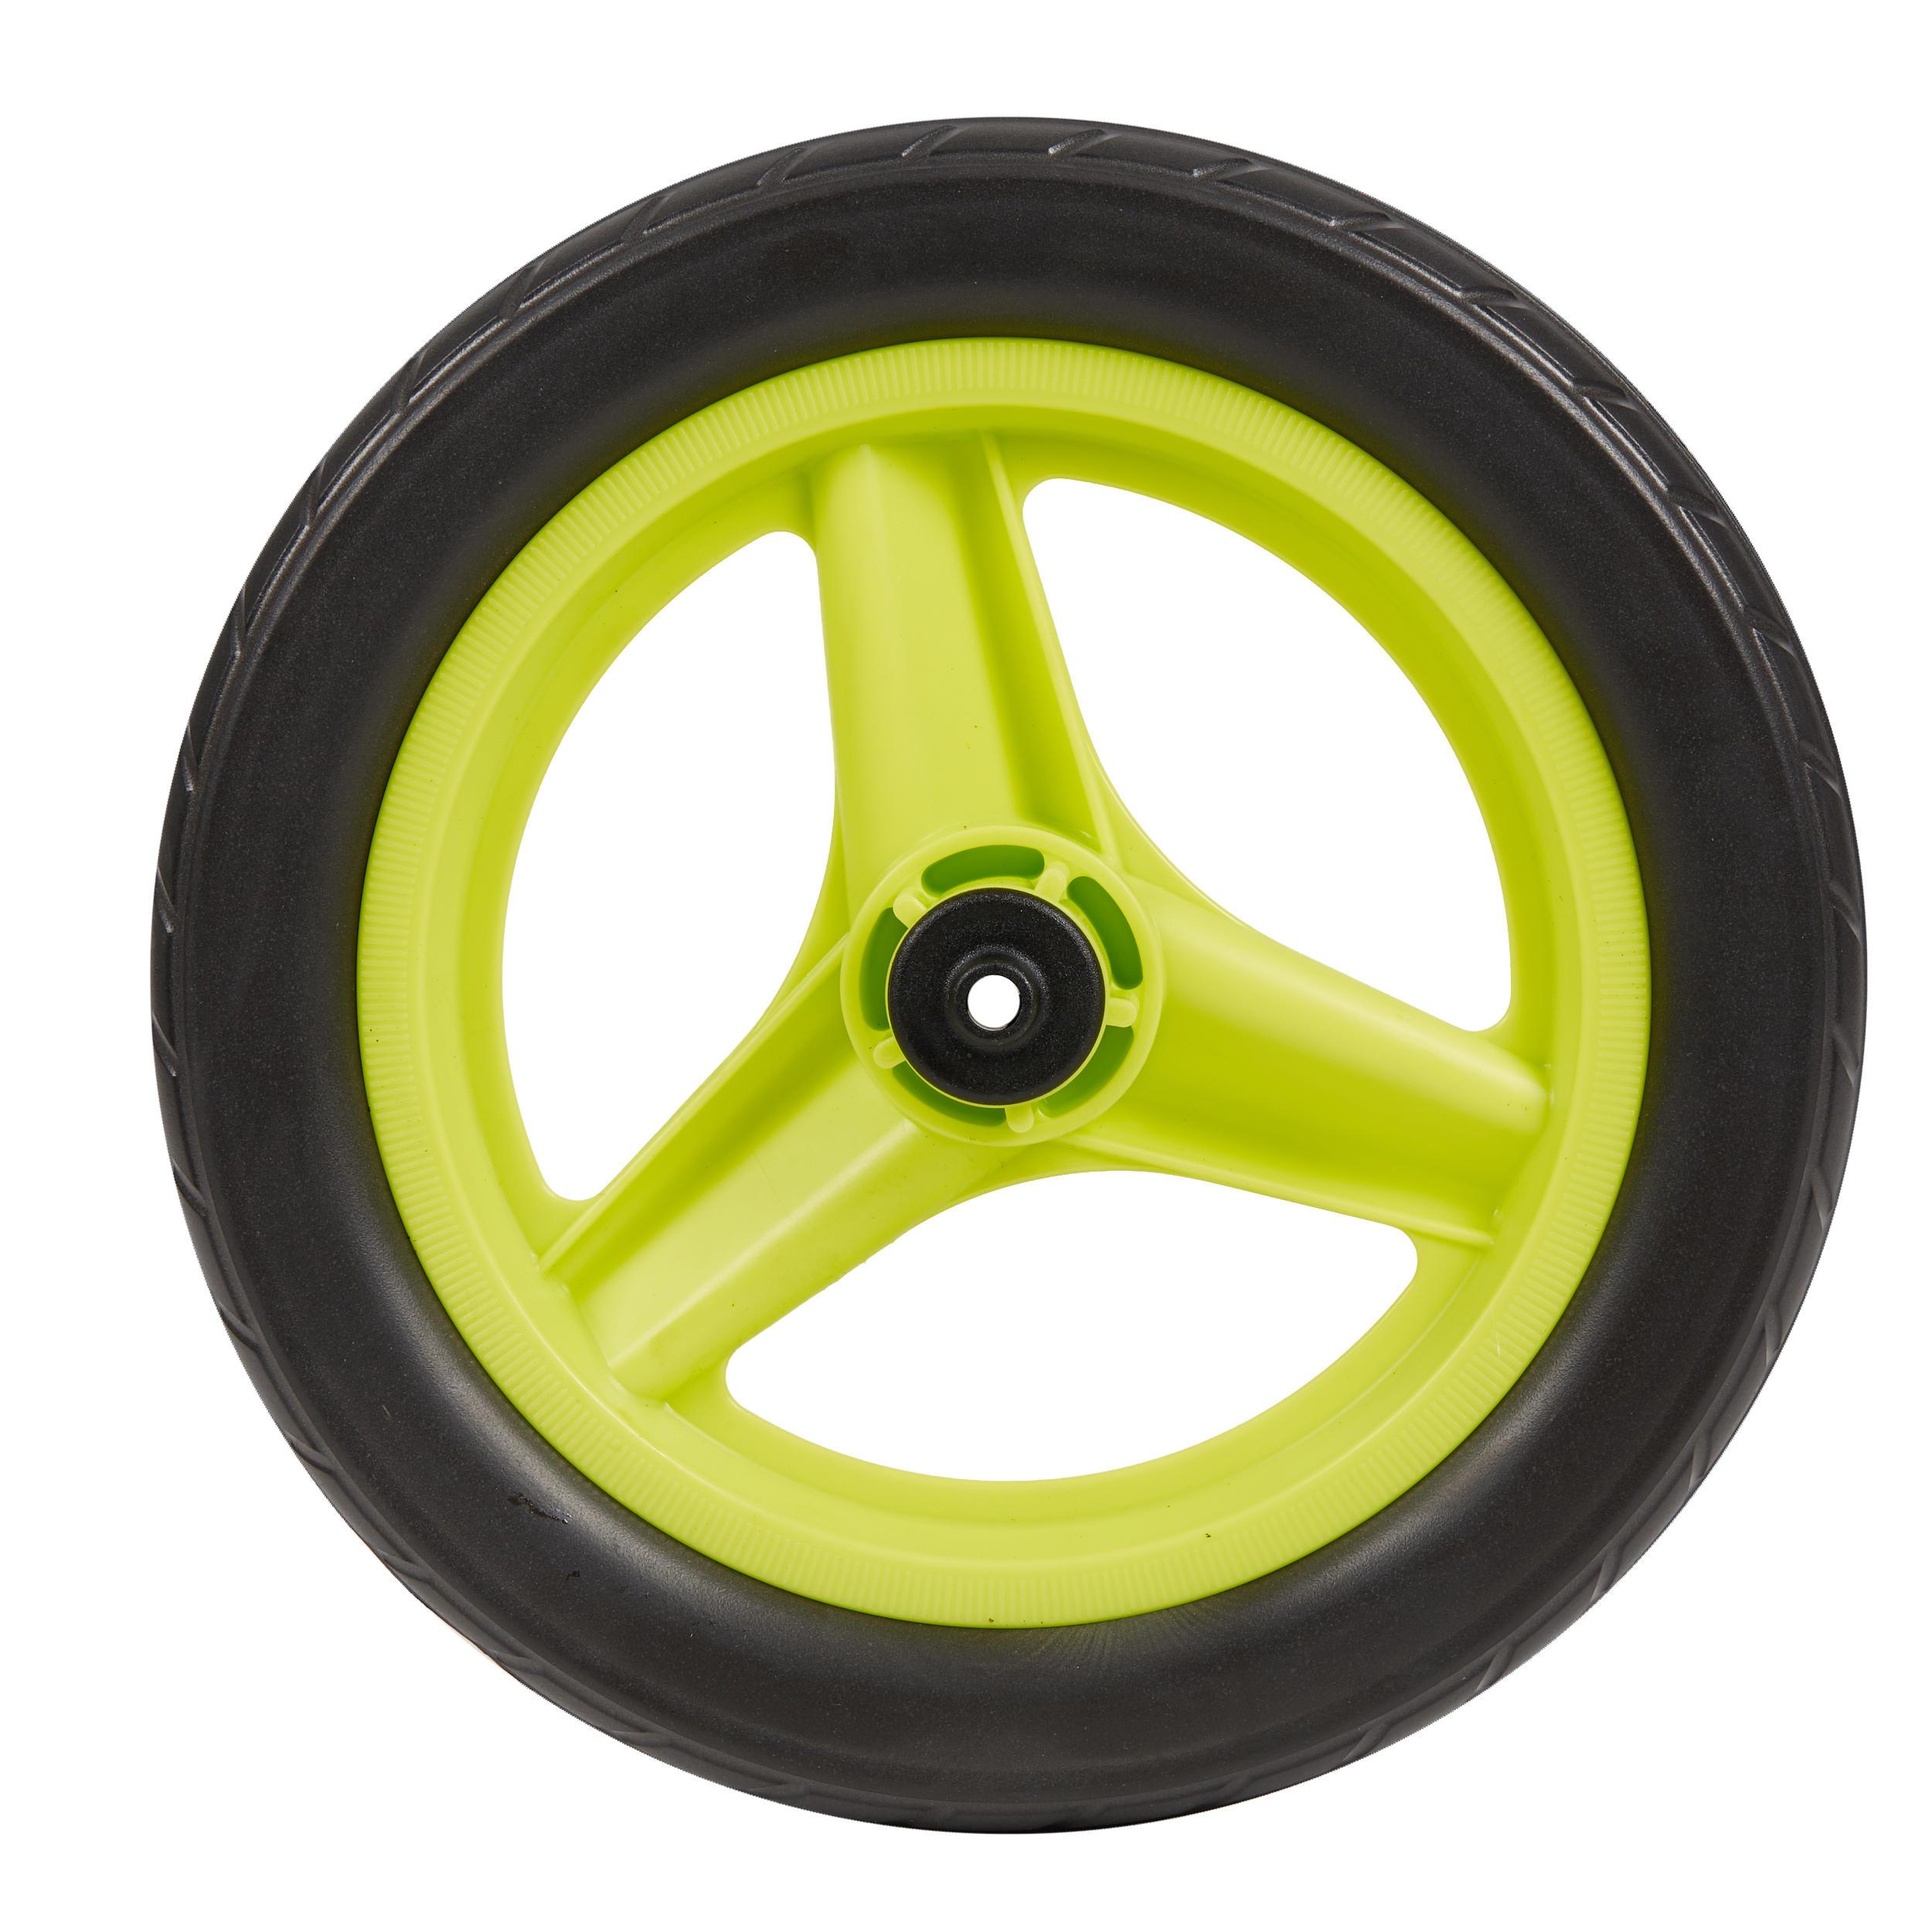 btwin ruota 10 pollici posteriore bici senza pedali runride verde con pneumatico nero.